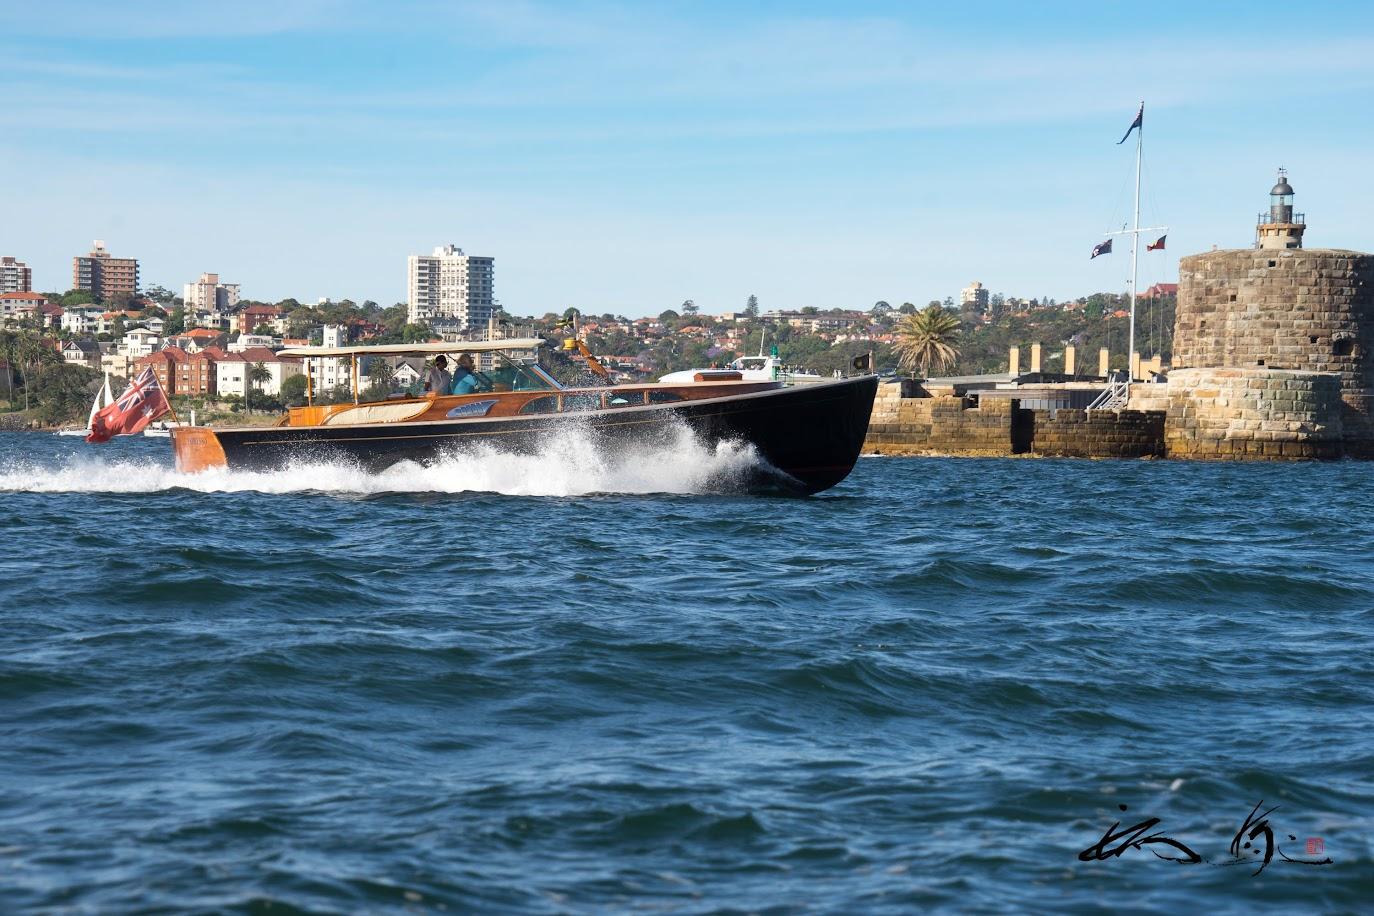 フォート・デニソン島を横切るボート